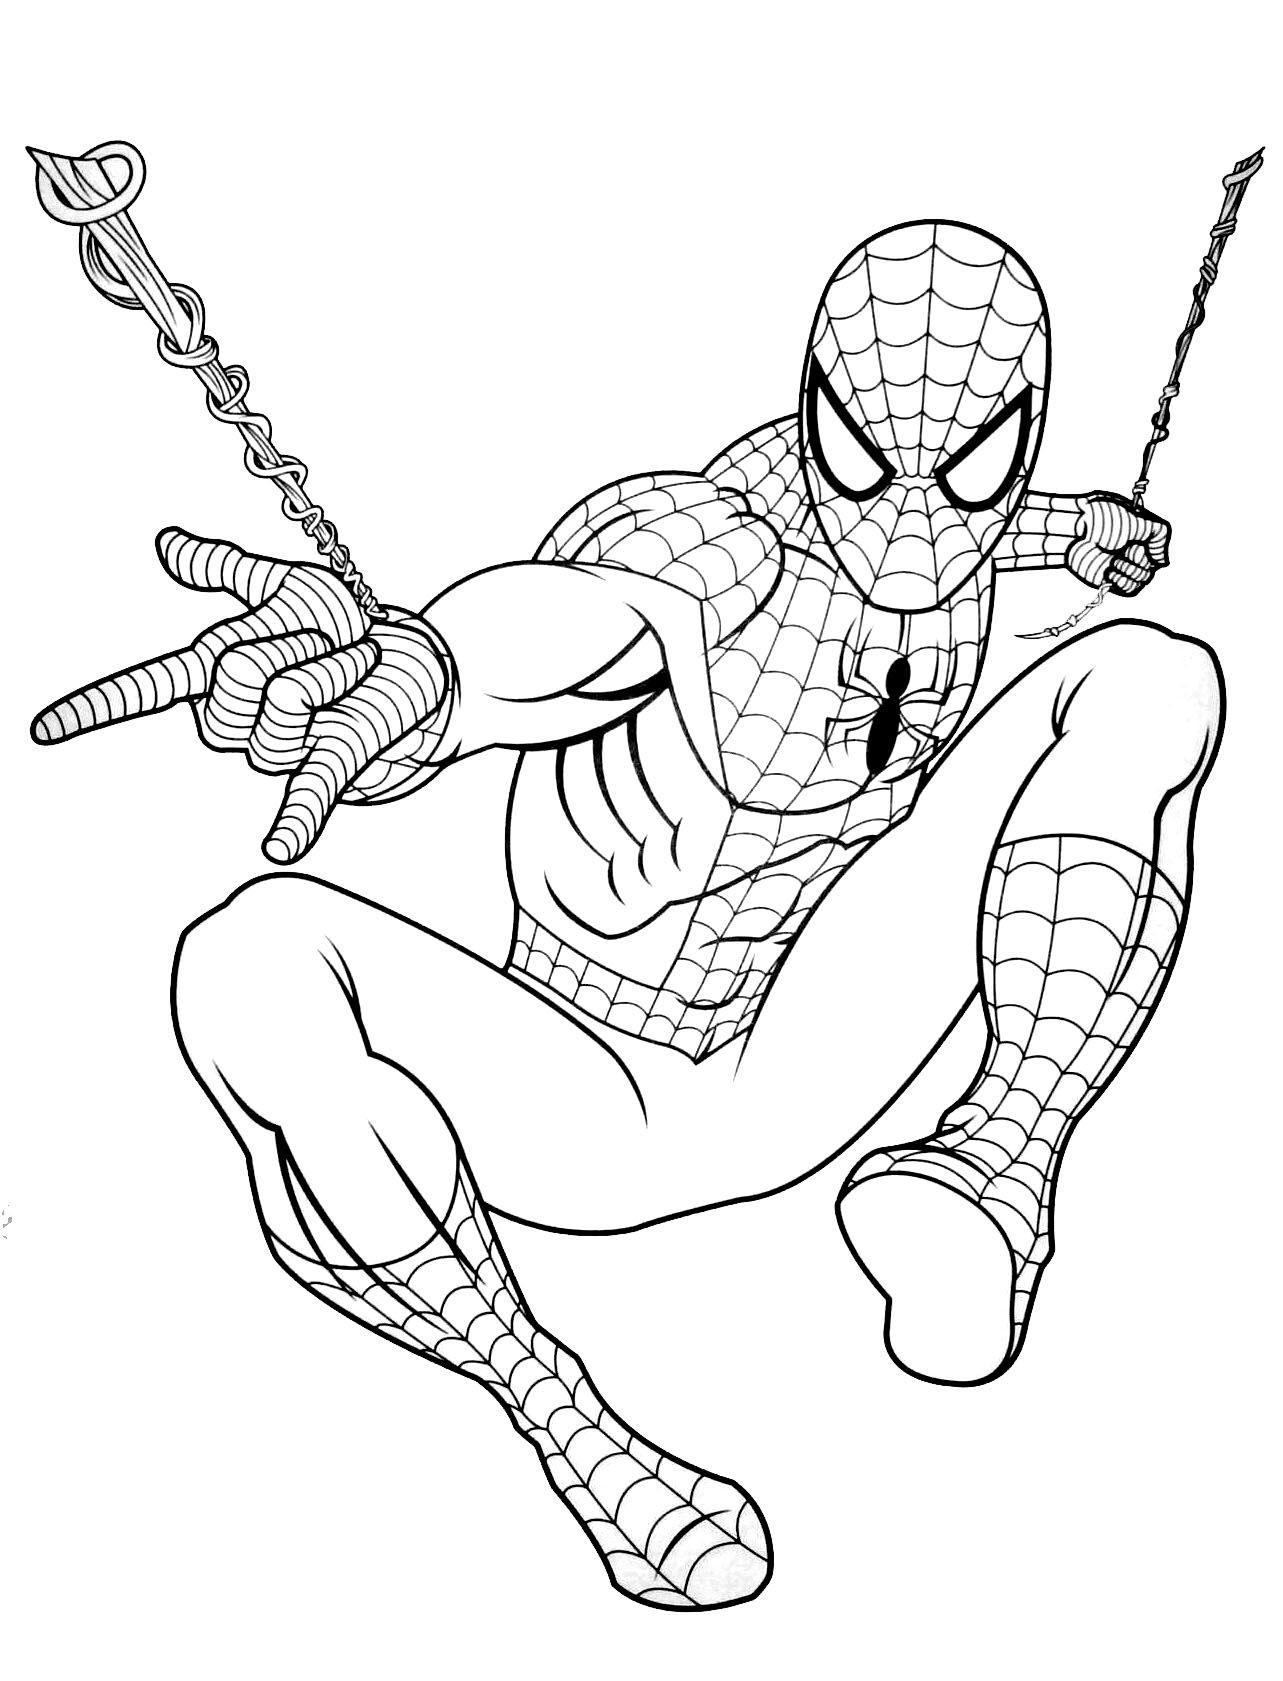 Coloriage Spiderman Gratuit À Colorier - Dessin À Imprimer encequiconcerne Masque Spiderman A Imprimer